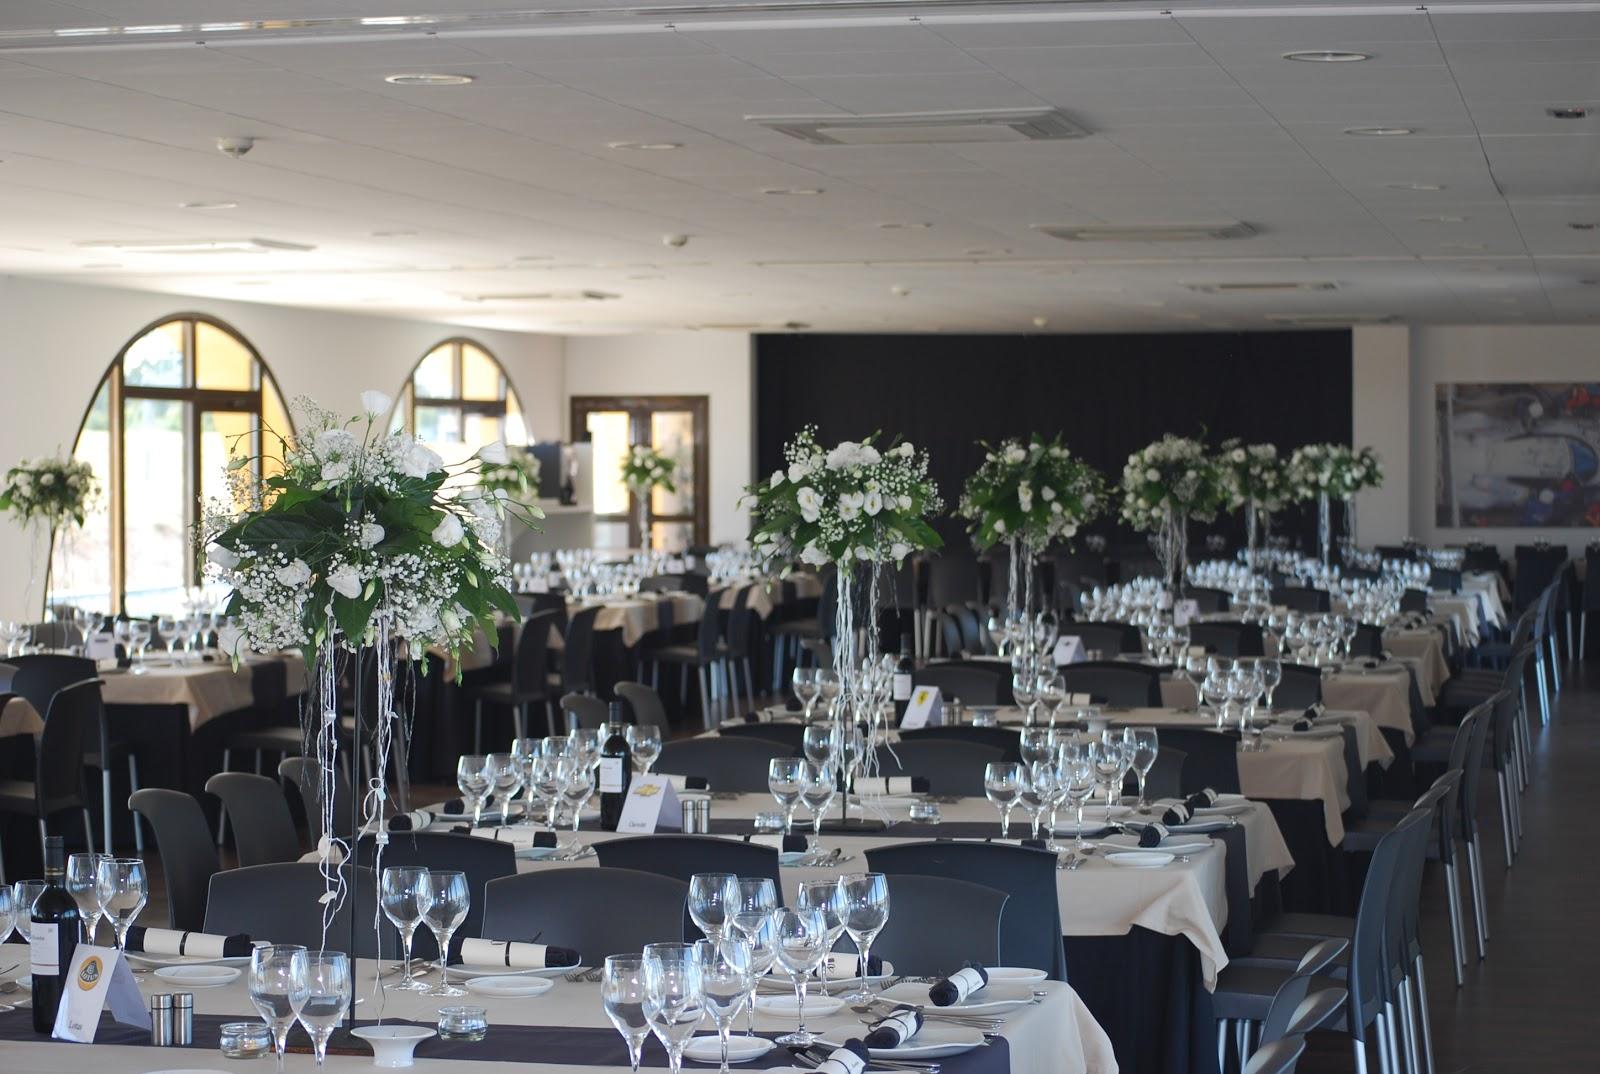 Circuito Monteblanco : Floristeria las lilas: boda en circuito monte blanco